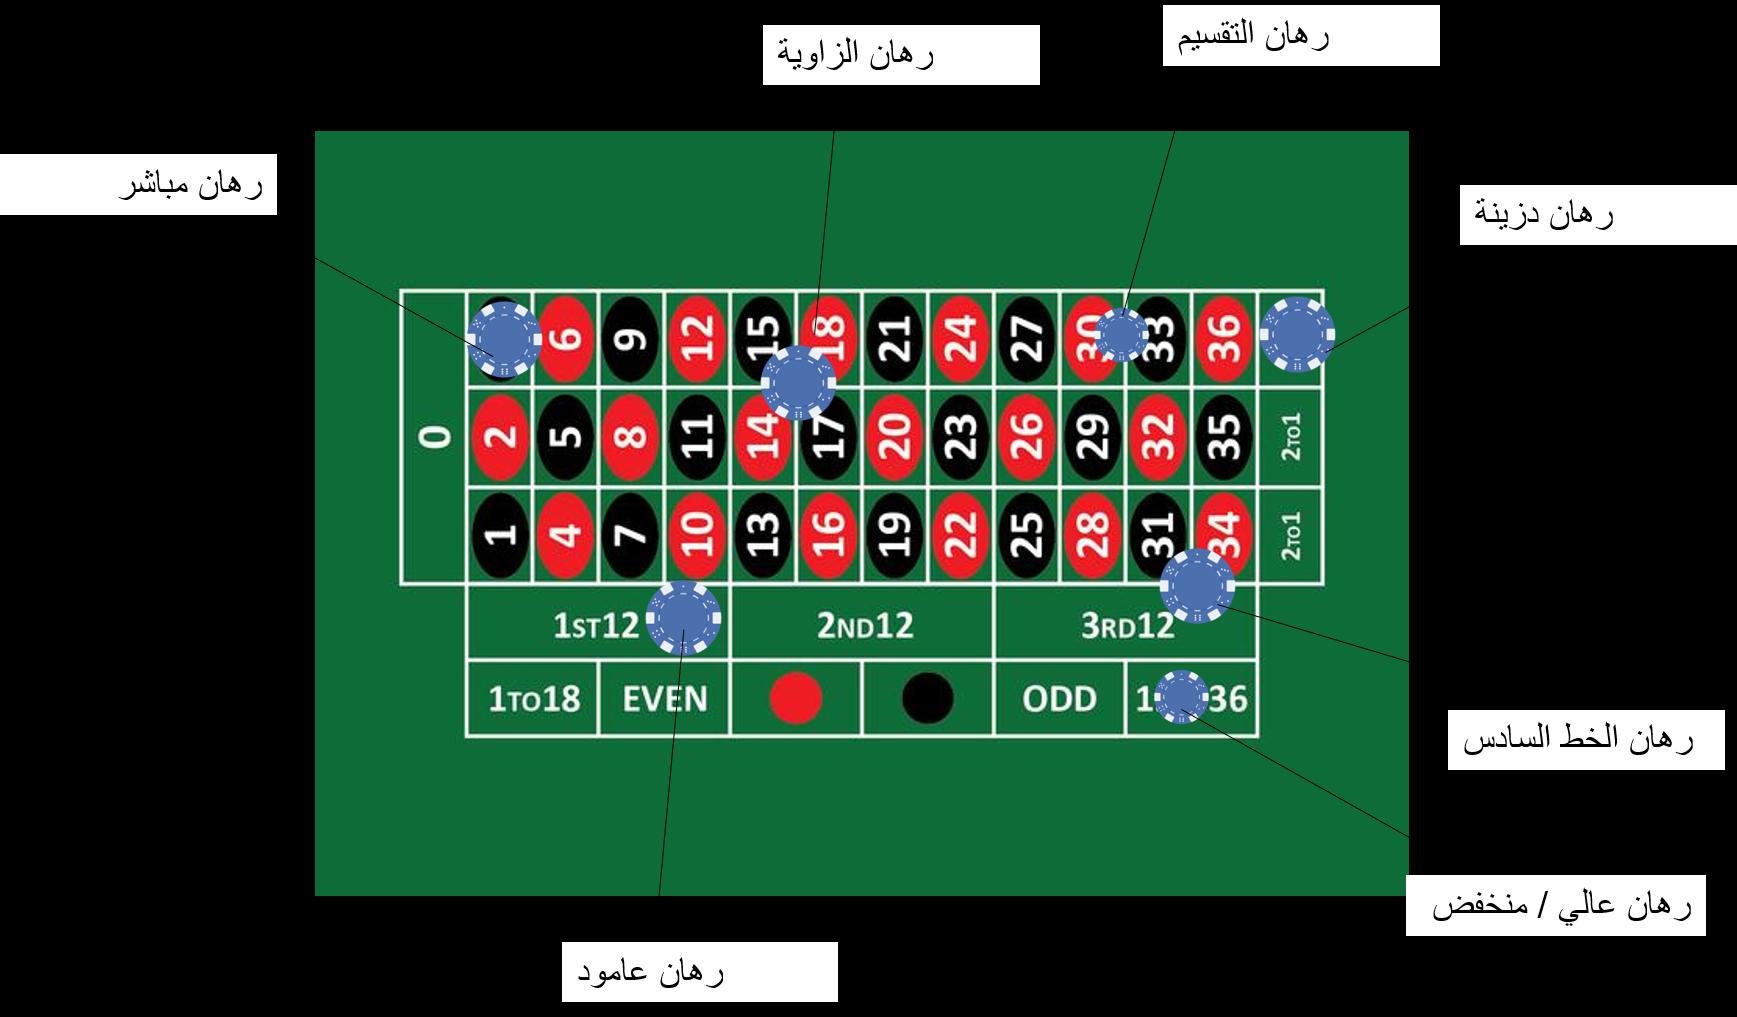 دليل لعب الروليت - 24702